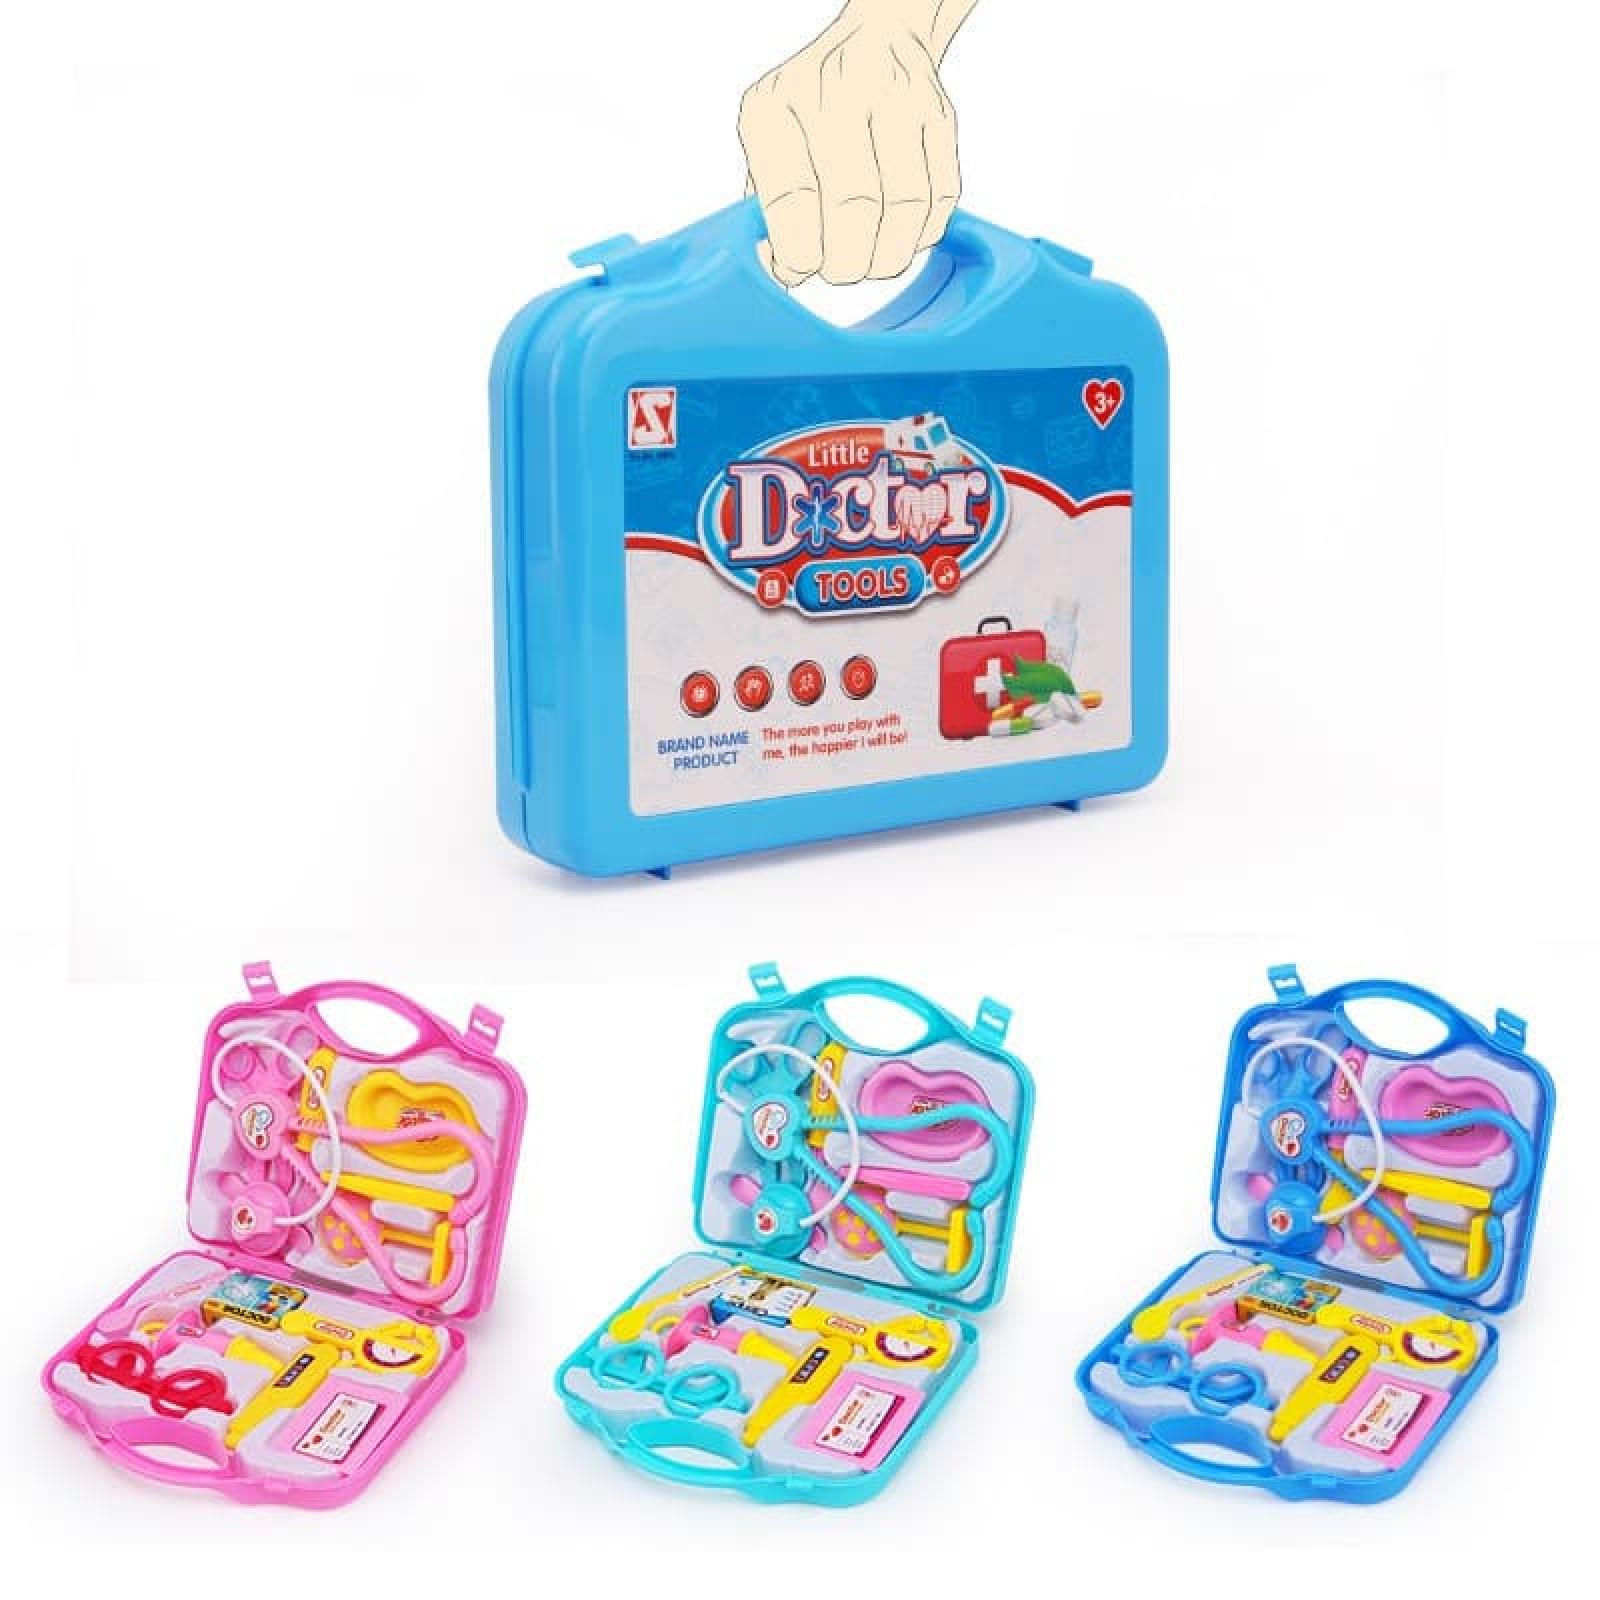 Vali đồ chơi bác sĩ trẻ em nhỏ gọn 012